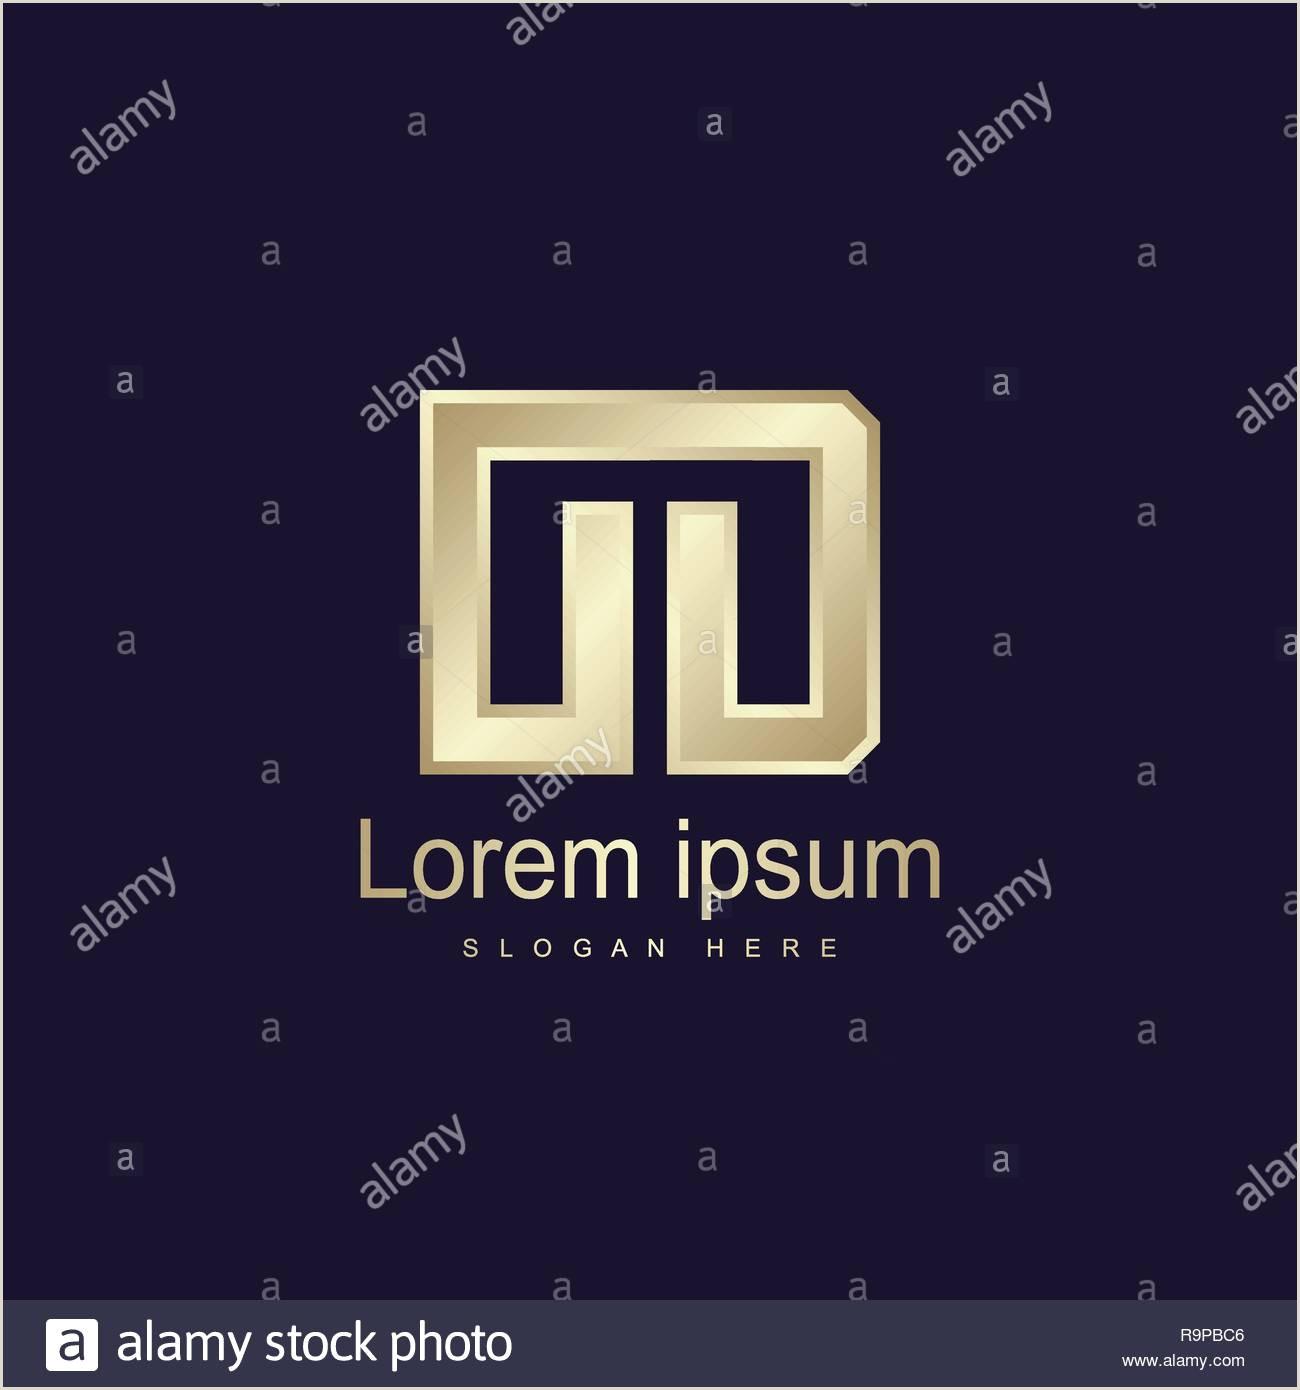 Lettre initiale Logo Template Design Vecteur OD Vecteurs Et